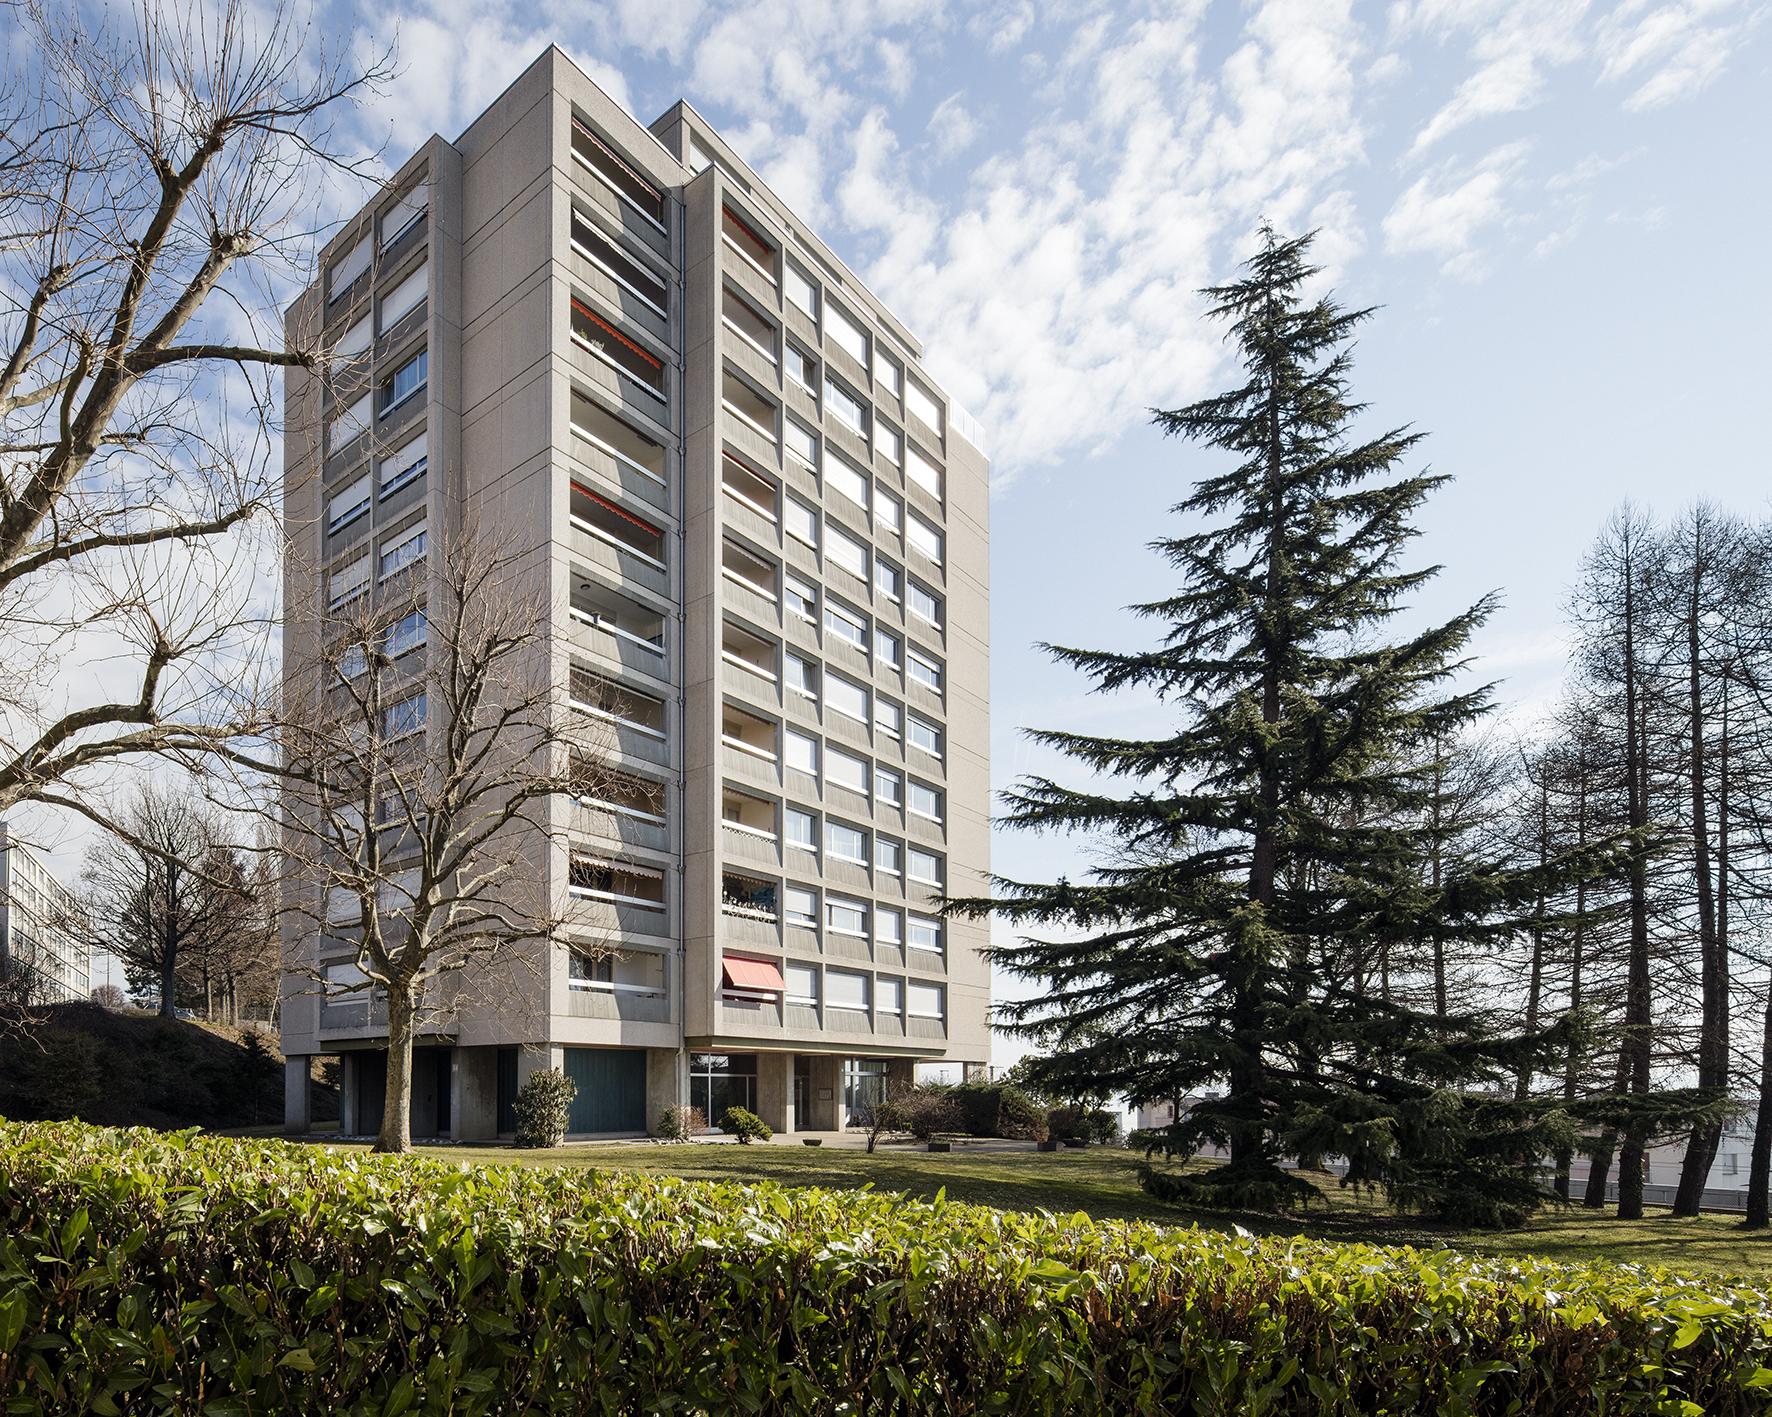 Bauart architectes, Neuchâtel Serrières, Troncs 14, 27 02 17